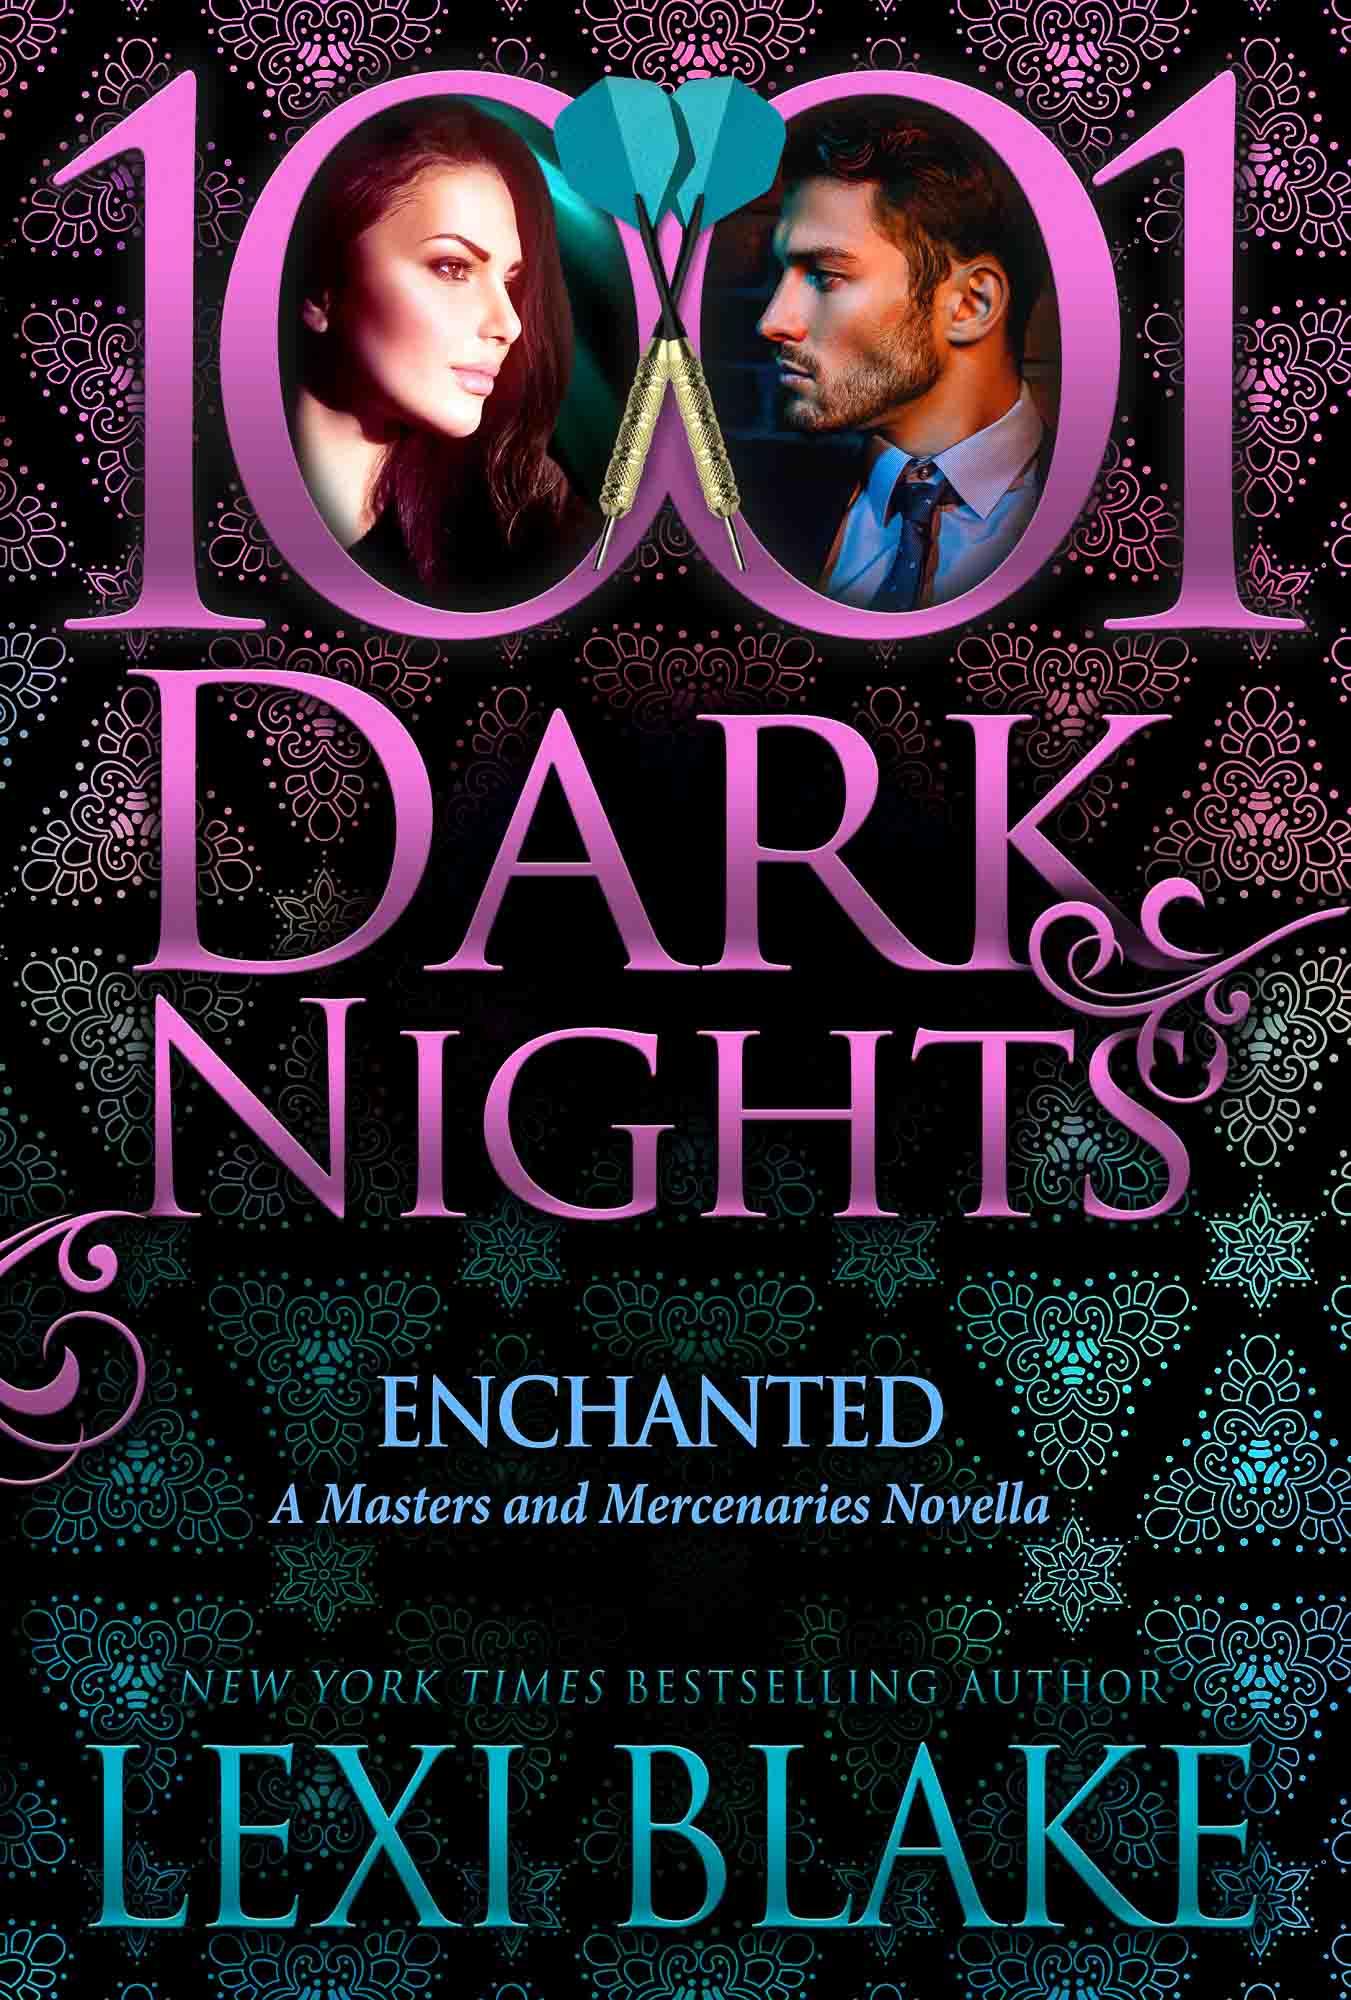 Lexi Blake 1001 Dark Nights Enchanted.jpg